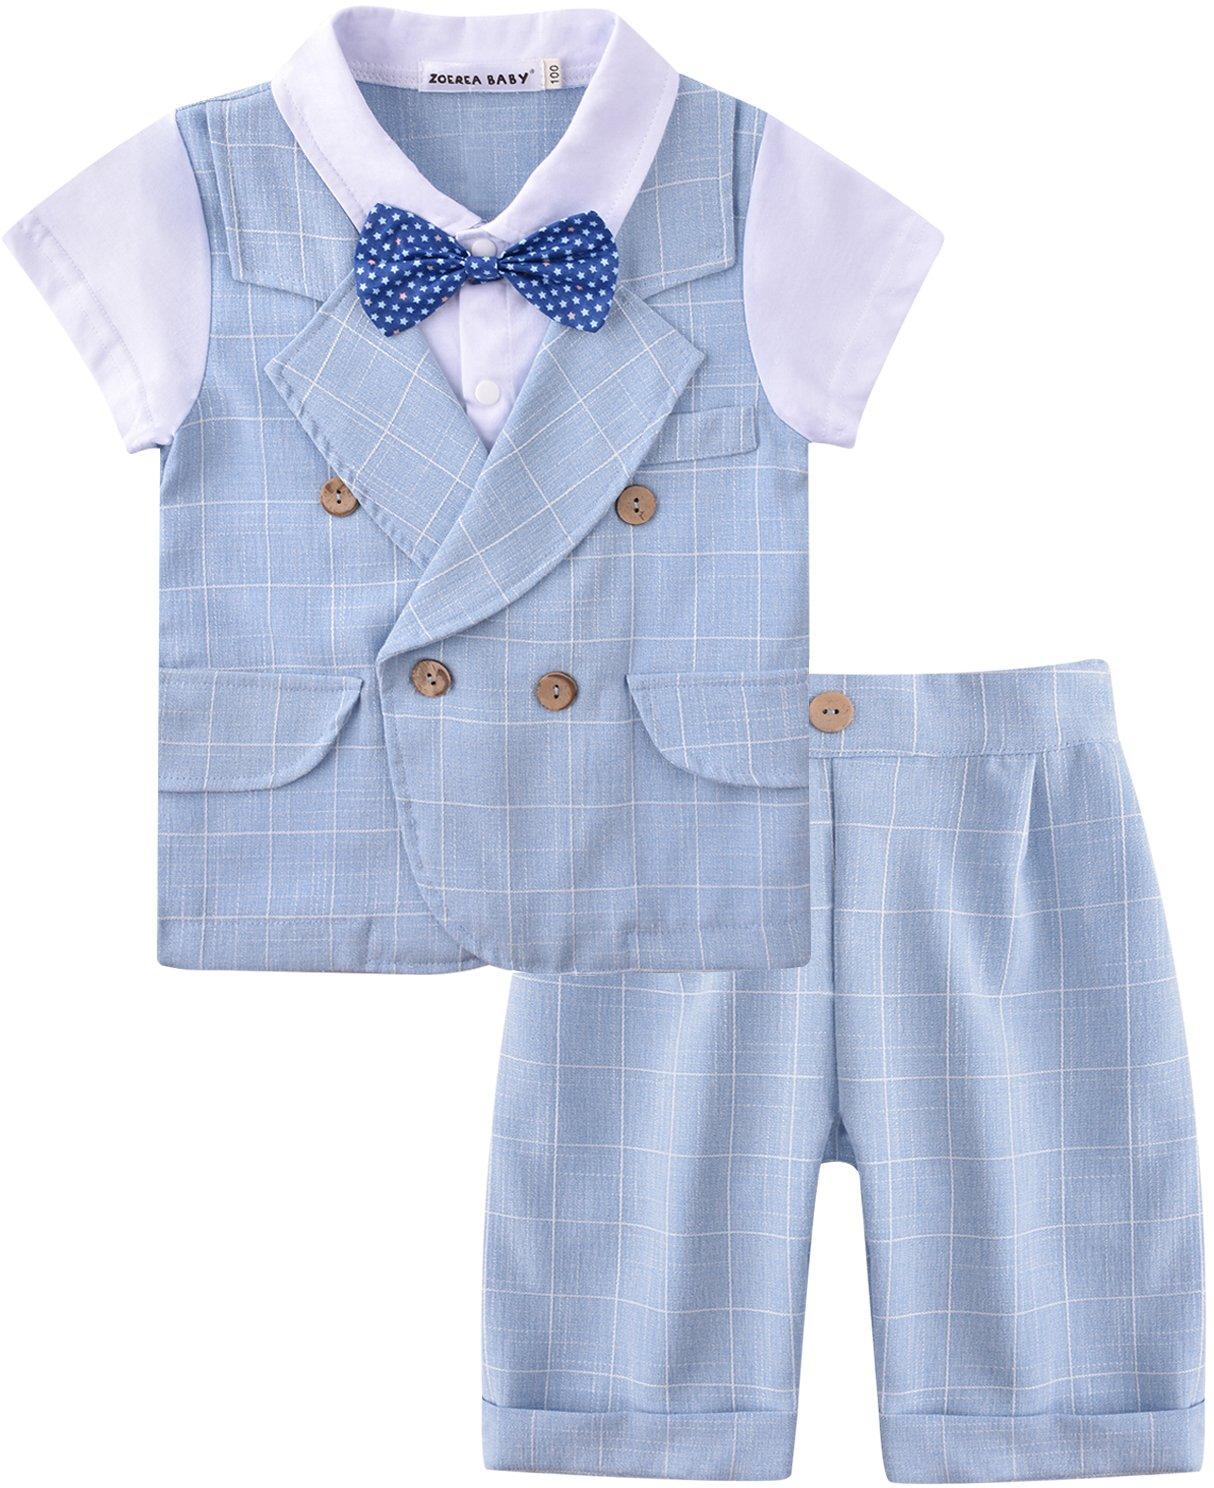 ZOEREA Baby Junge Anzug 2 TLG Gentleman Kleidung kurzen Ärmeln mit Bowtie Jungen Kleidung Gentleman Baumwolle Sommer…